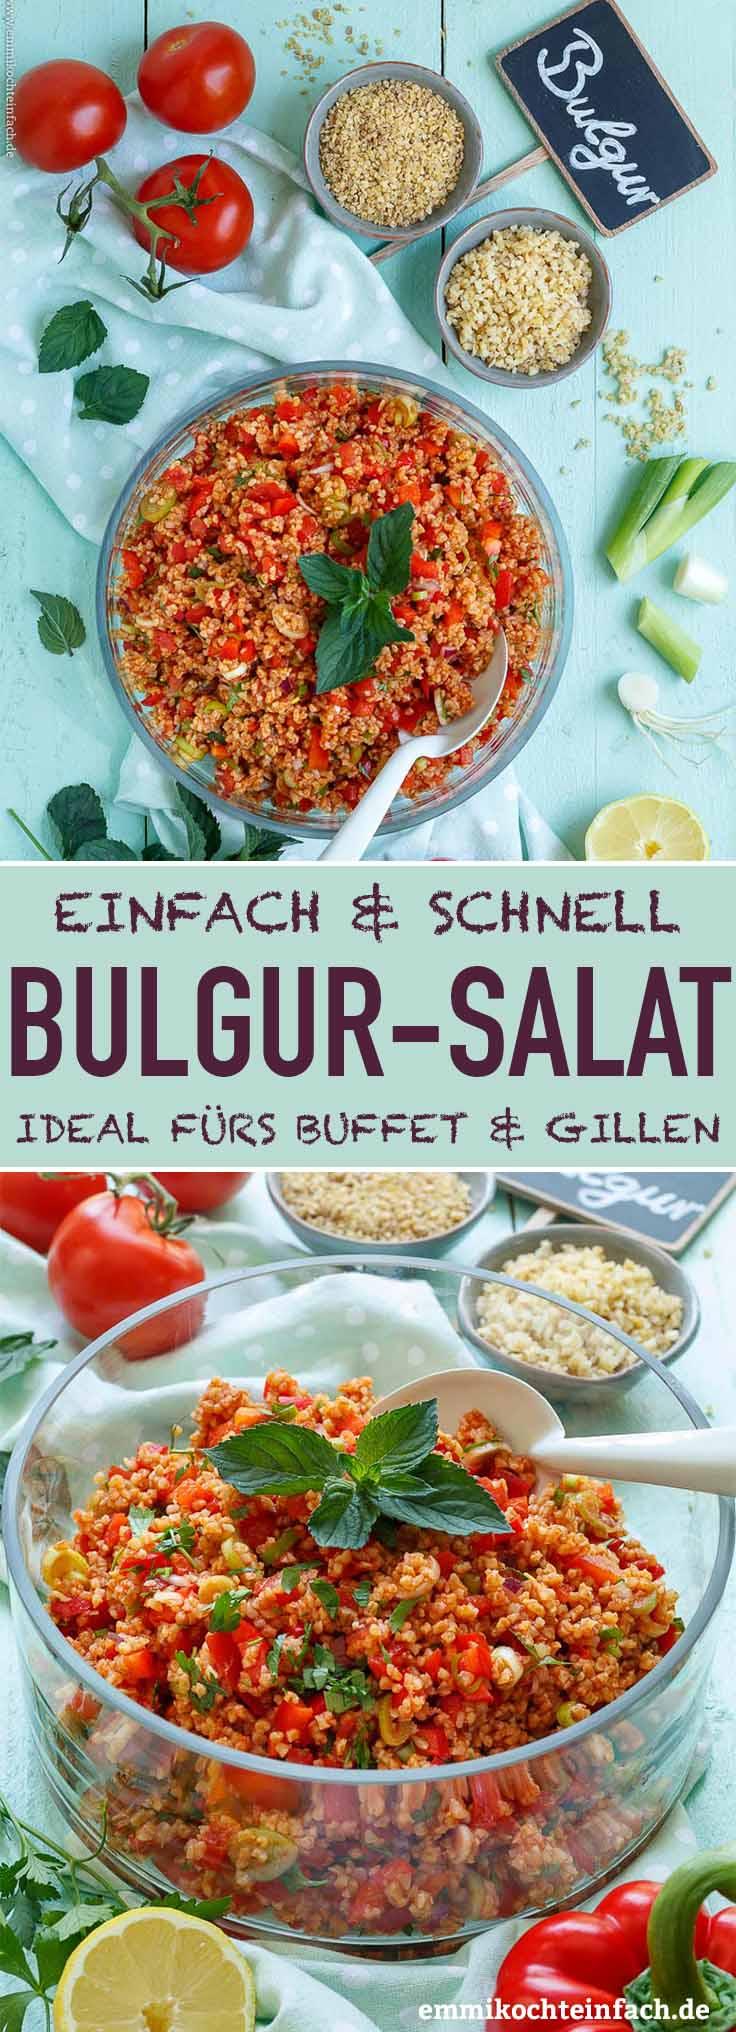 Schneller und einfacher Bulgursalat - www.emmikochteinfach.de